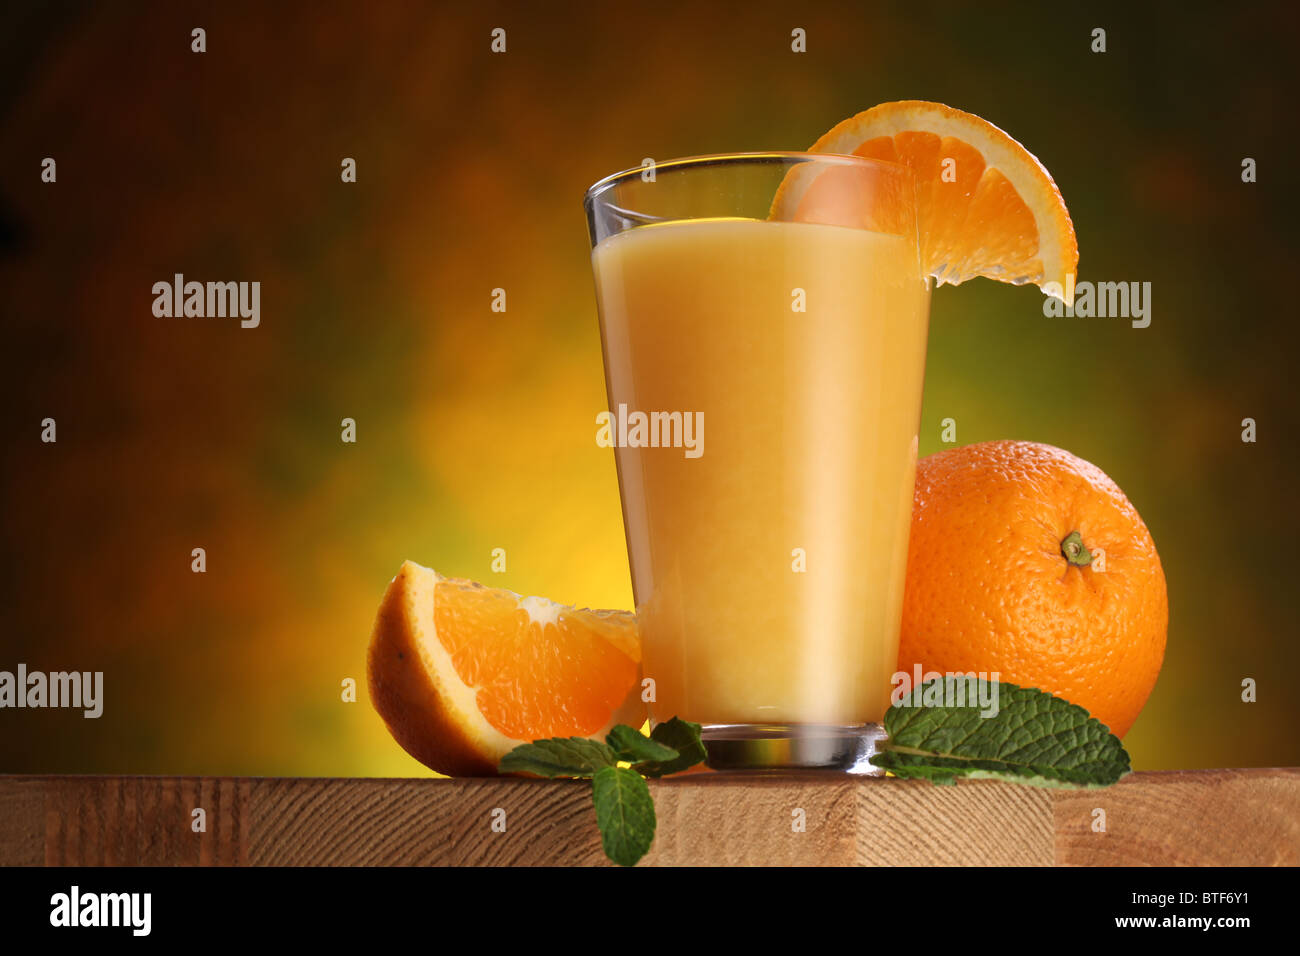 Still life: naranjas y vaso de jugo en una mesa de madera. Imagen De Stock